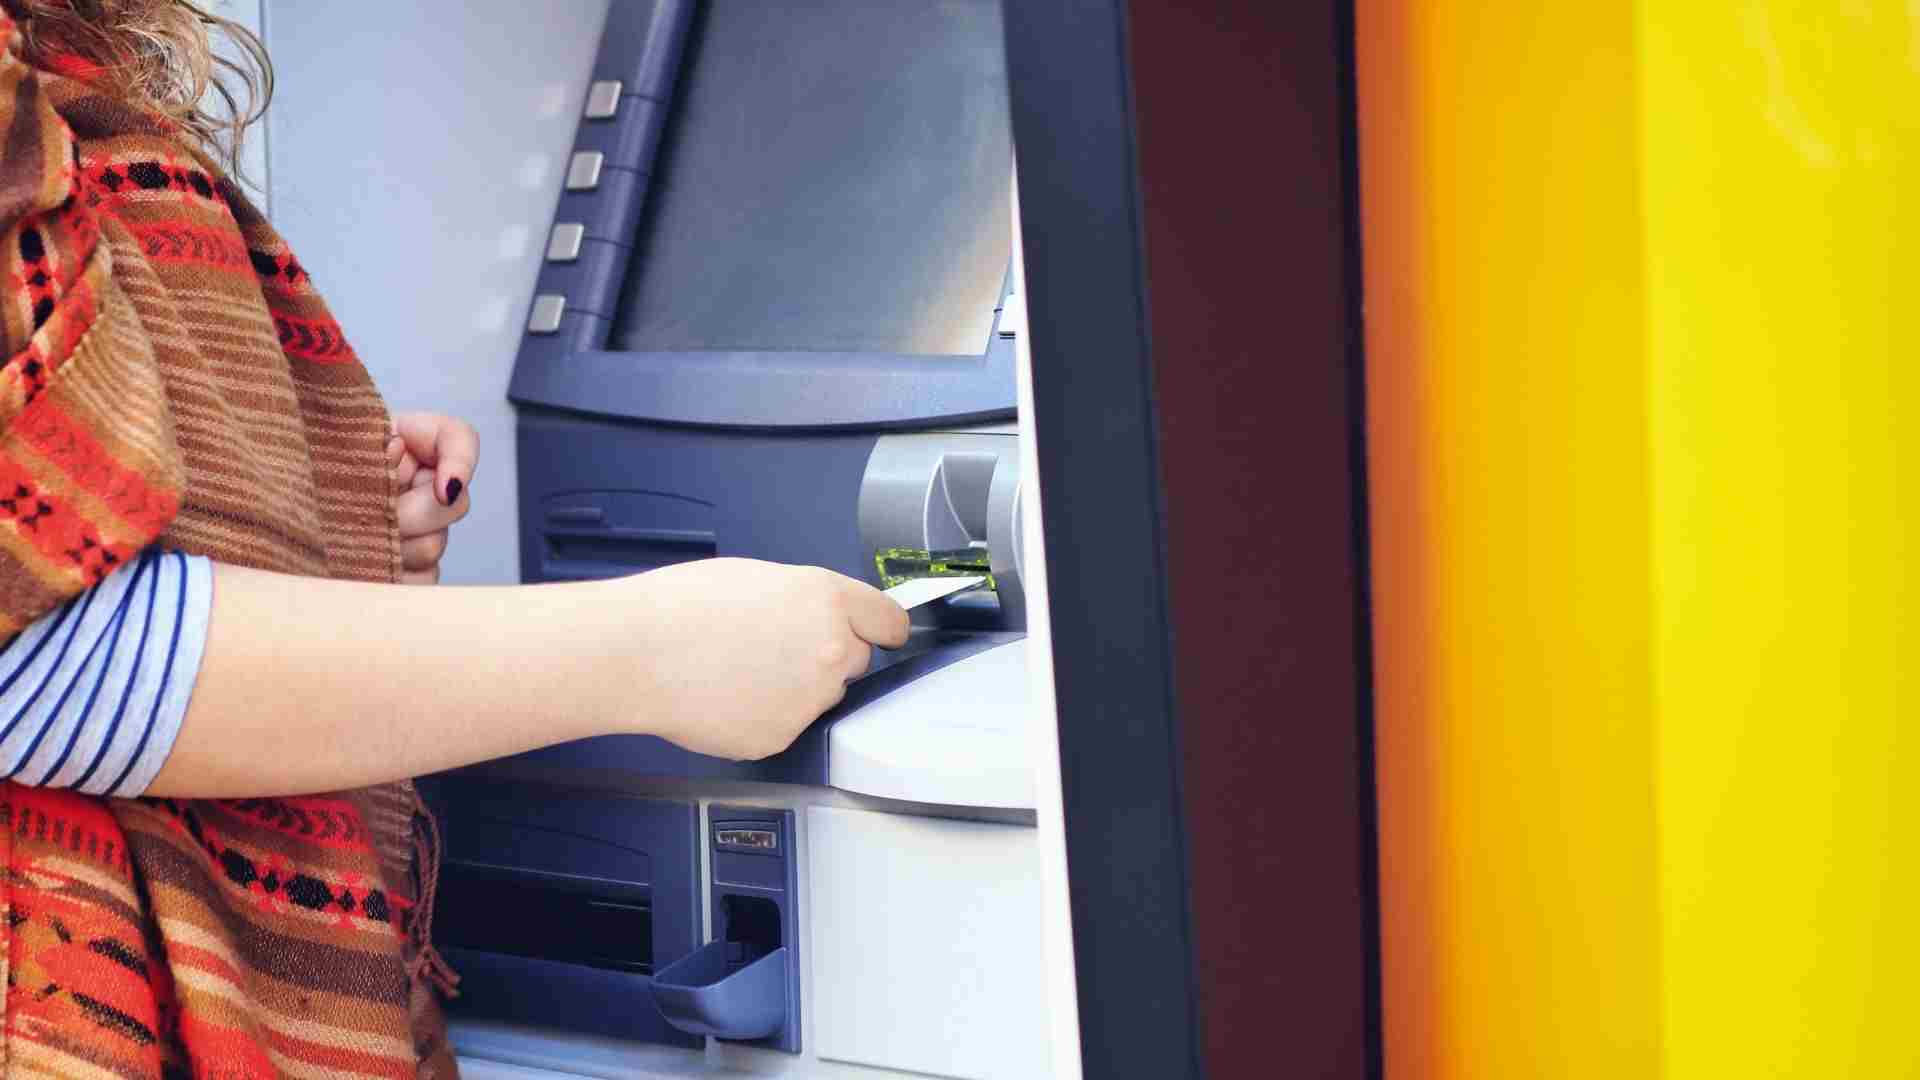 Customer Service For BTC ATM